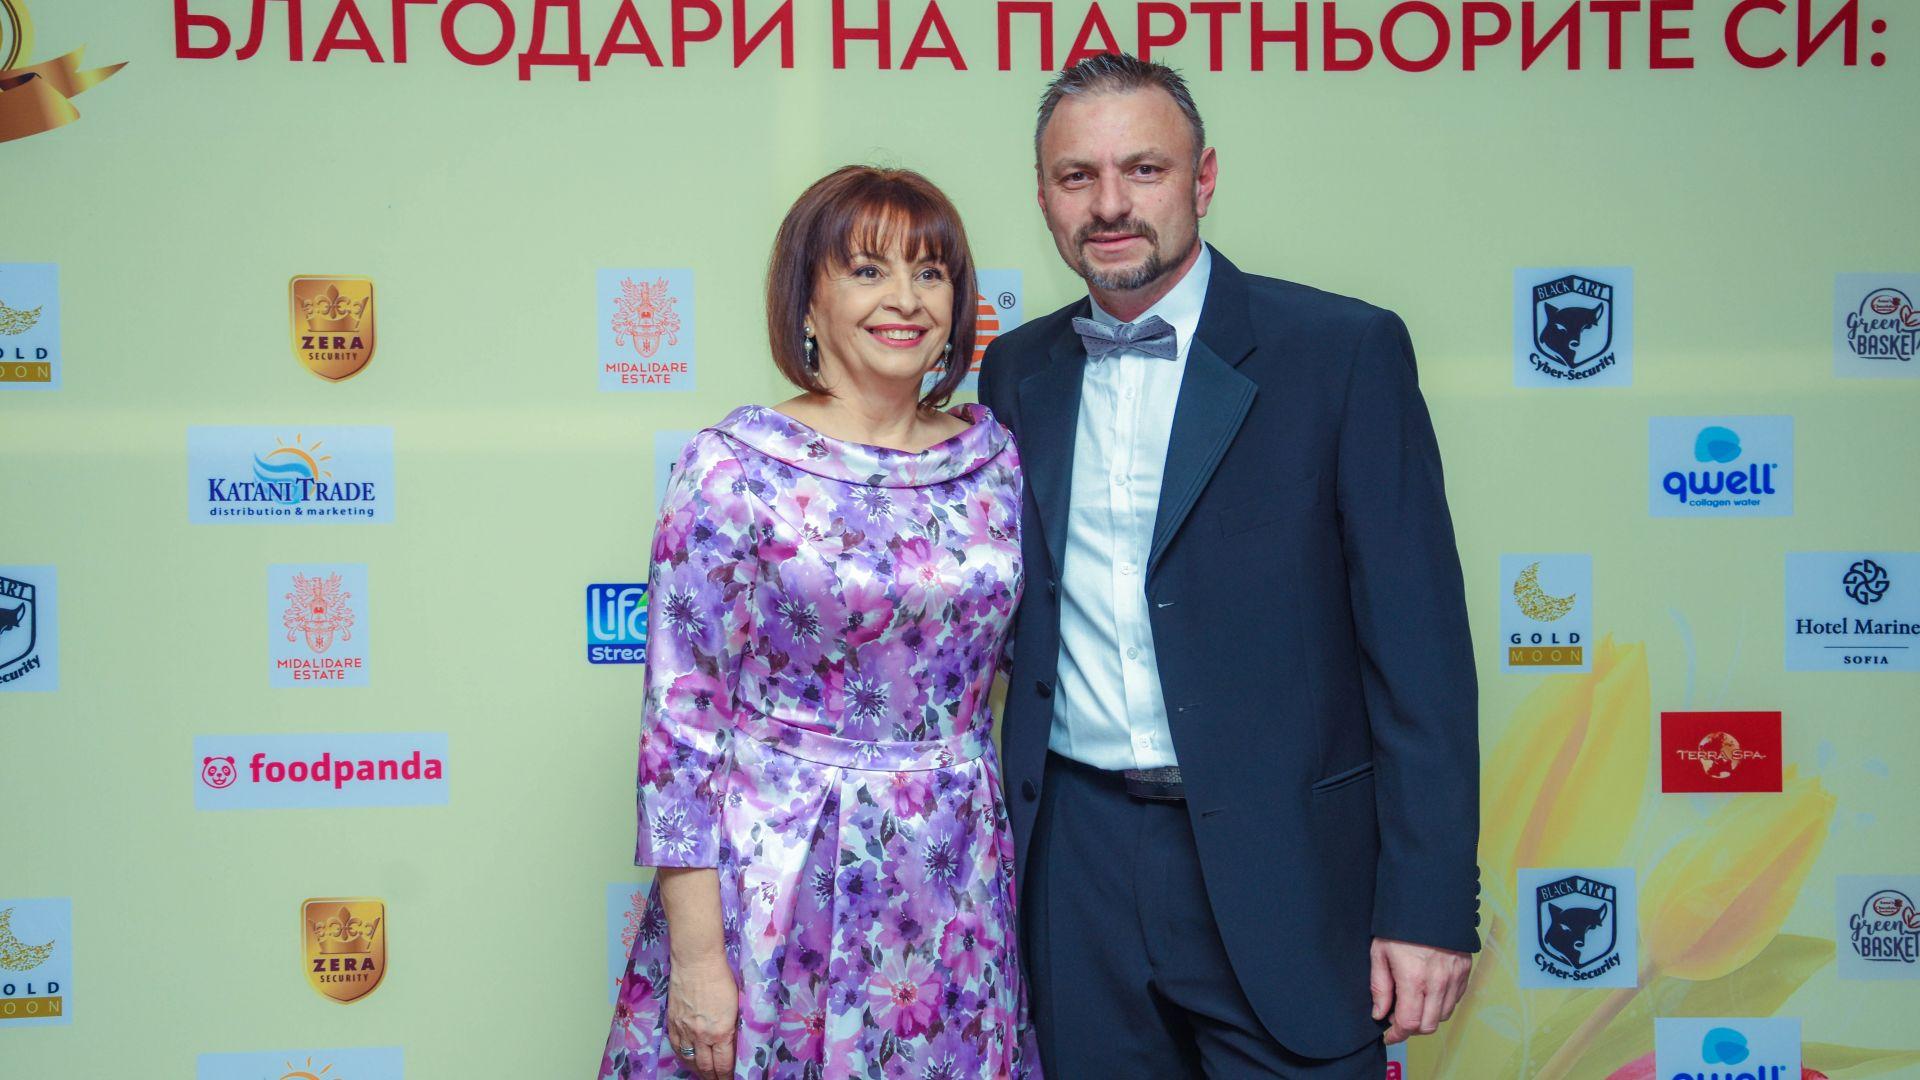 Миглена Ангелова с първи благотворителен бал (снимки)